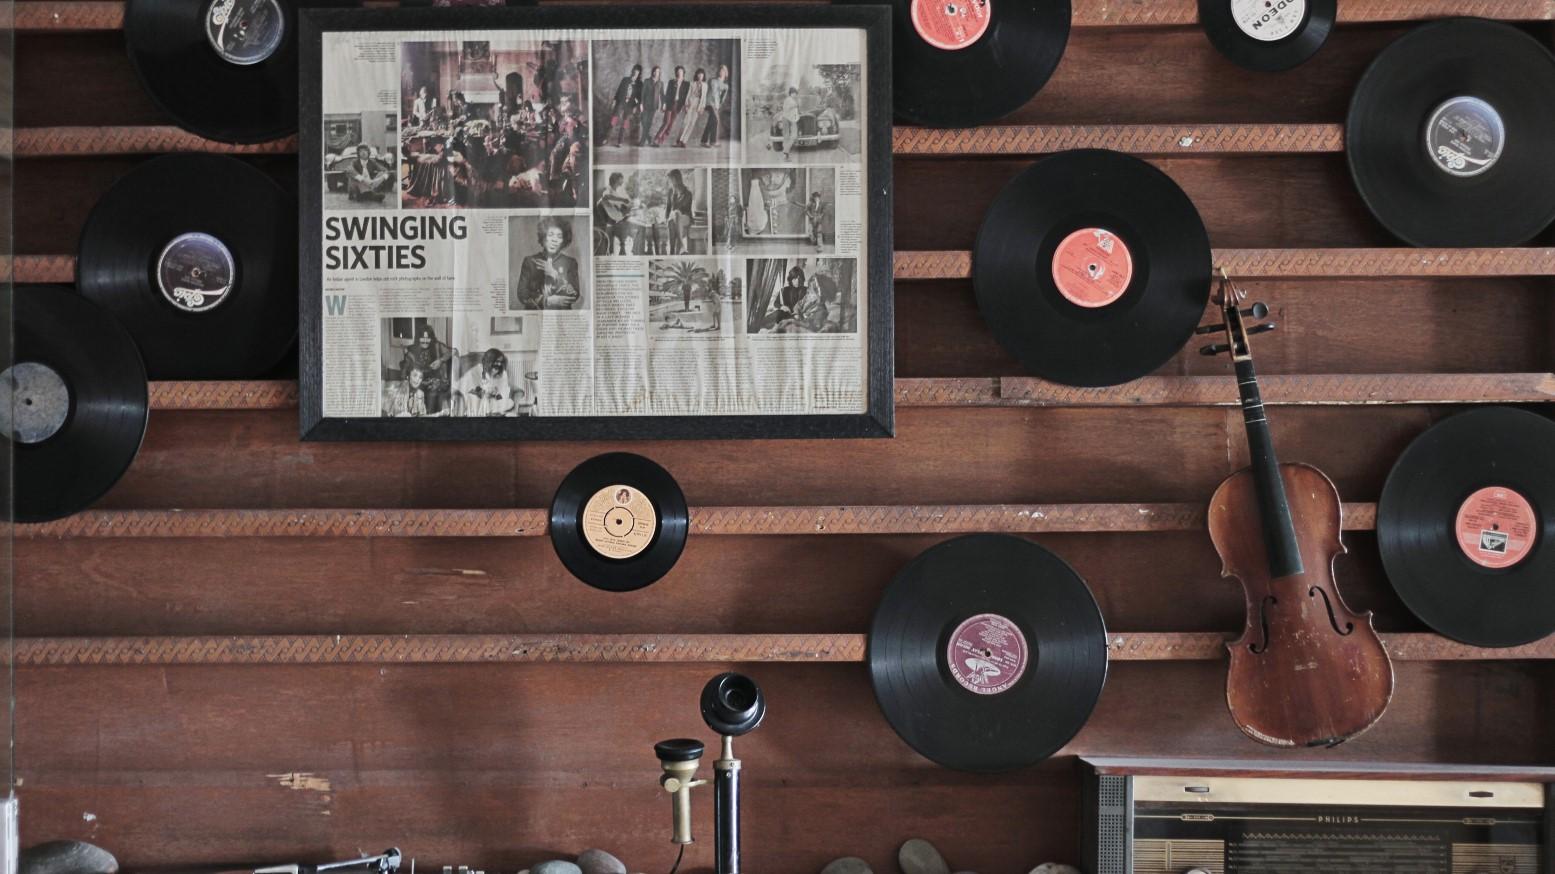 60s Delmar Cafe / Beatles Cafe